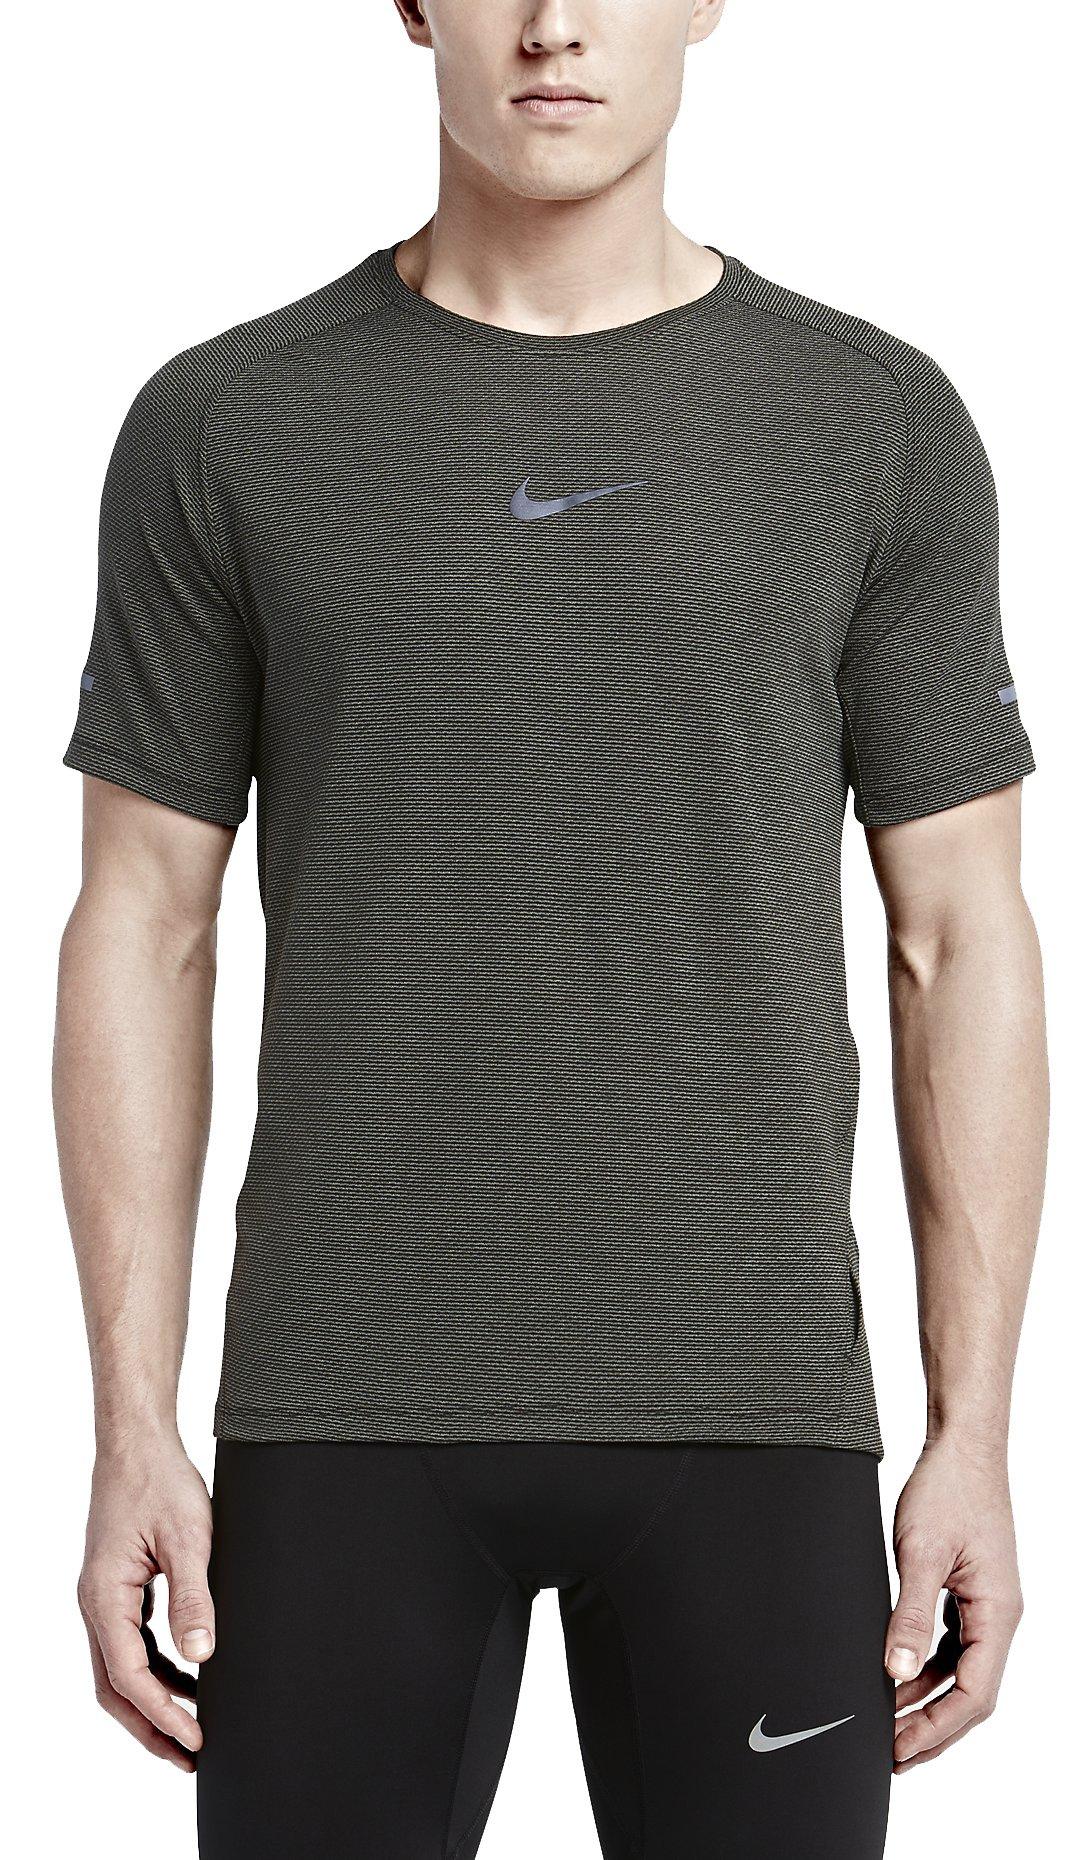 Běžecké triko s krátkým rukávem Nike AeroReact